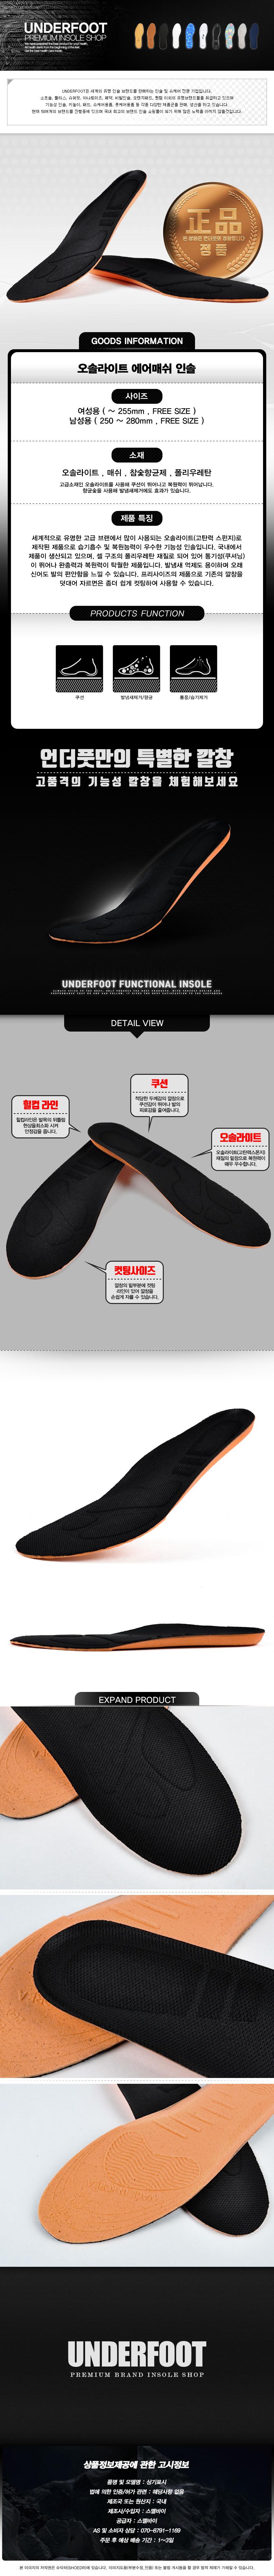 UNDERFOOT 언더풋 오솔라이트기능성깔창 - 슈닥터, 9,000원, 신발소품, 패드/깔창